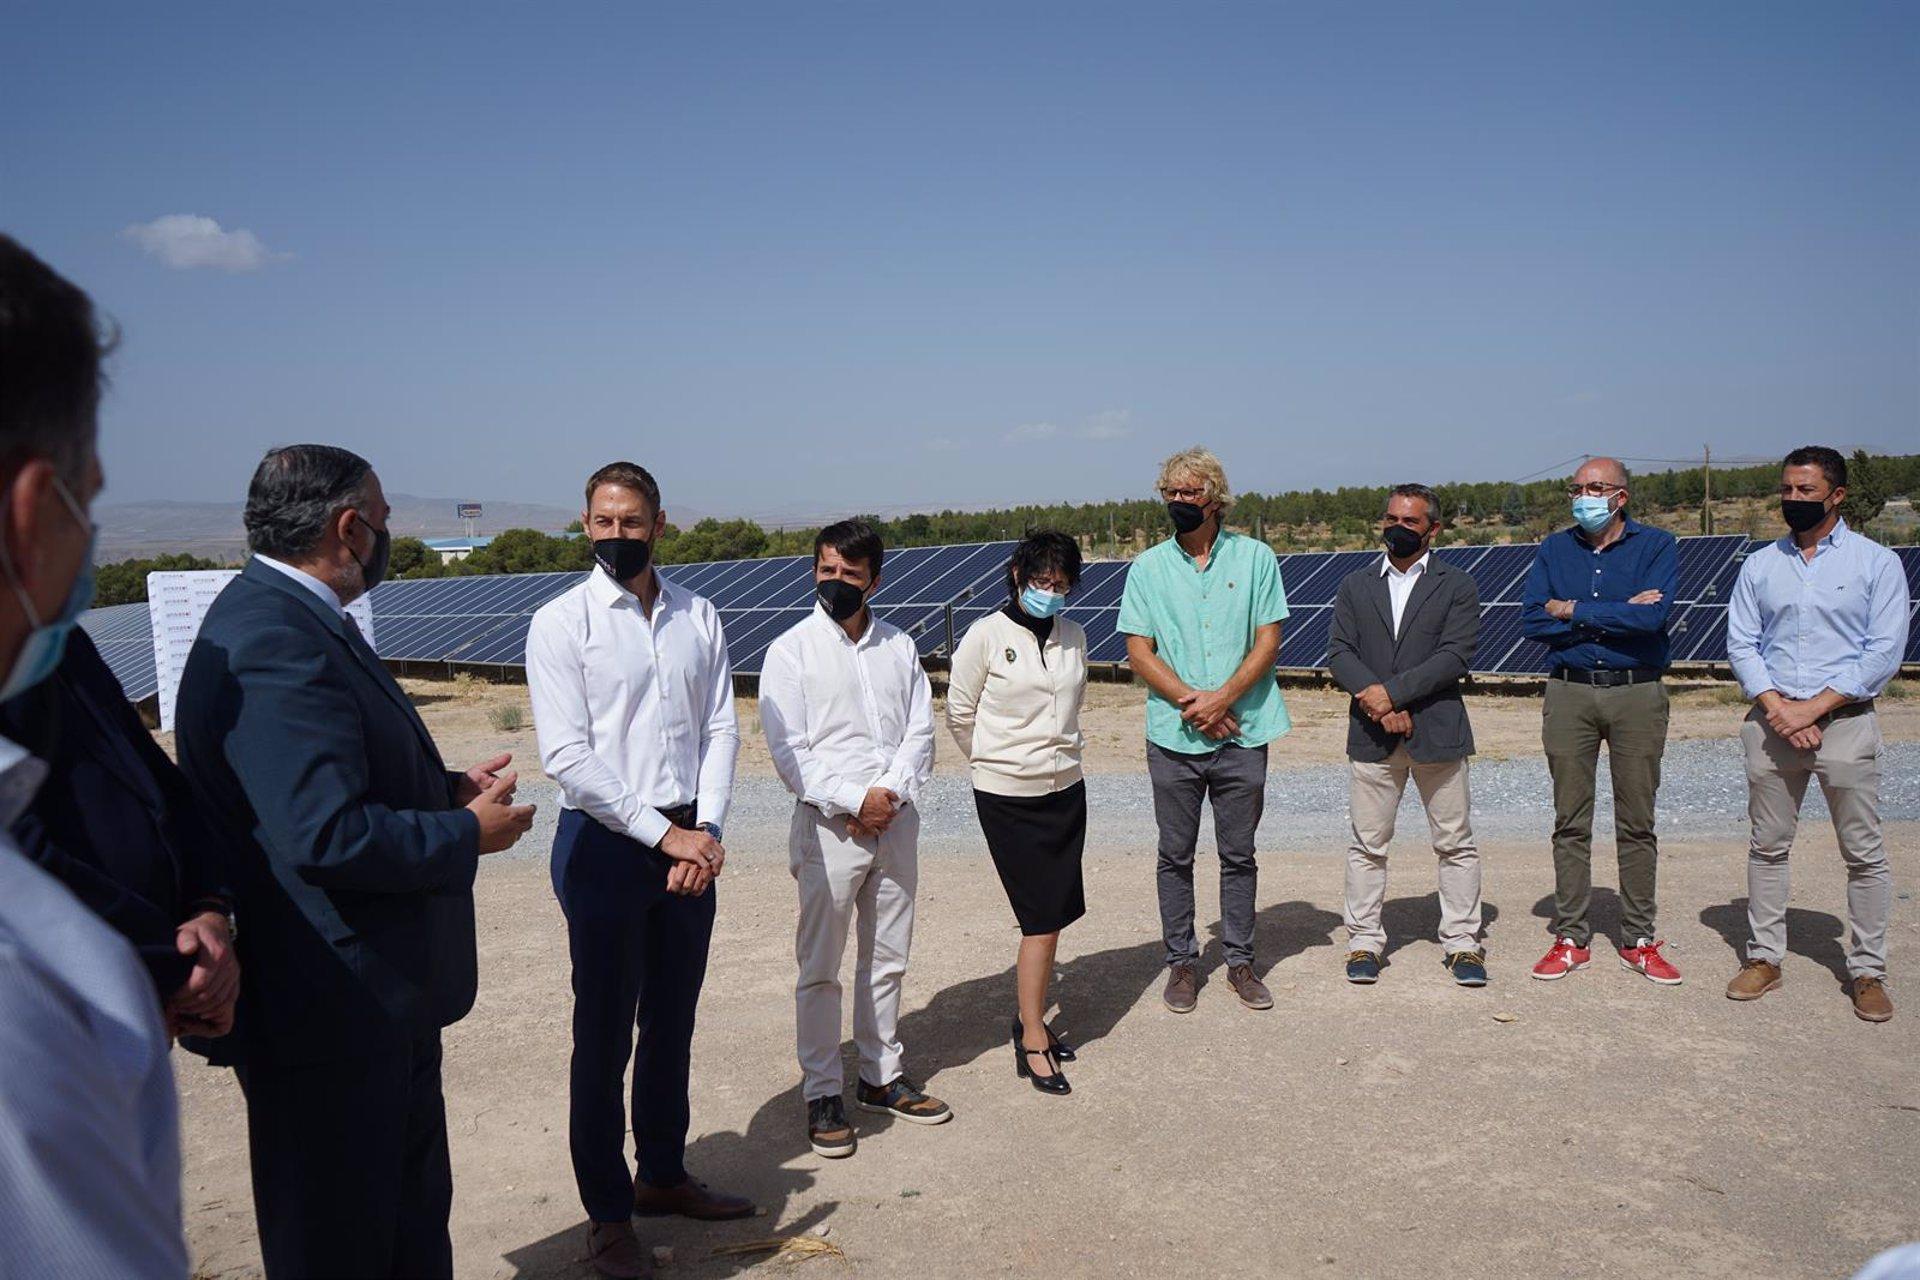 Una planta de energía fotovoltaica en Guadix permitirá abastecer a 4.265 viviendas